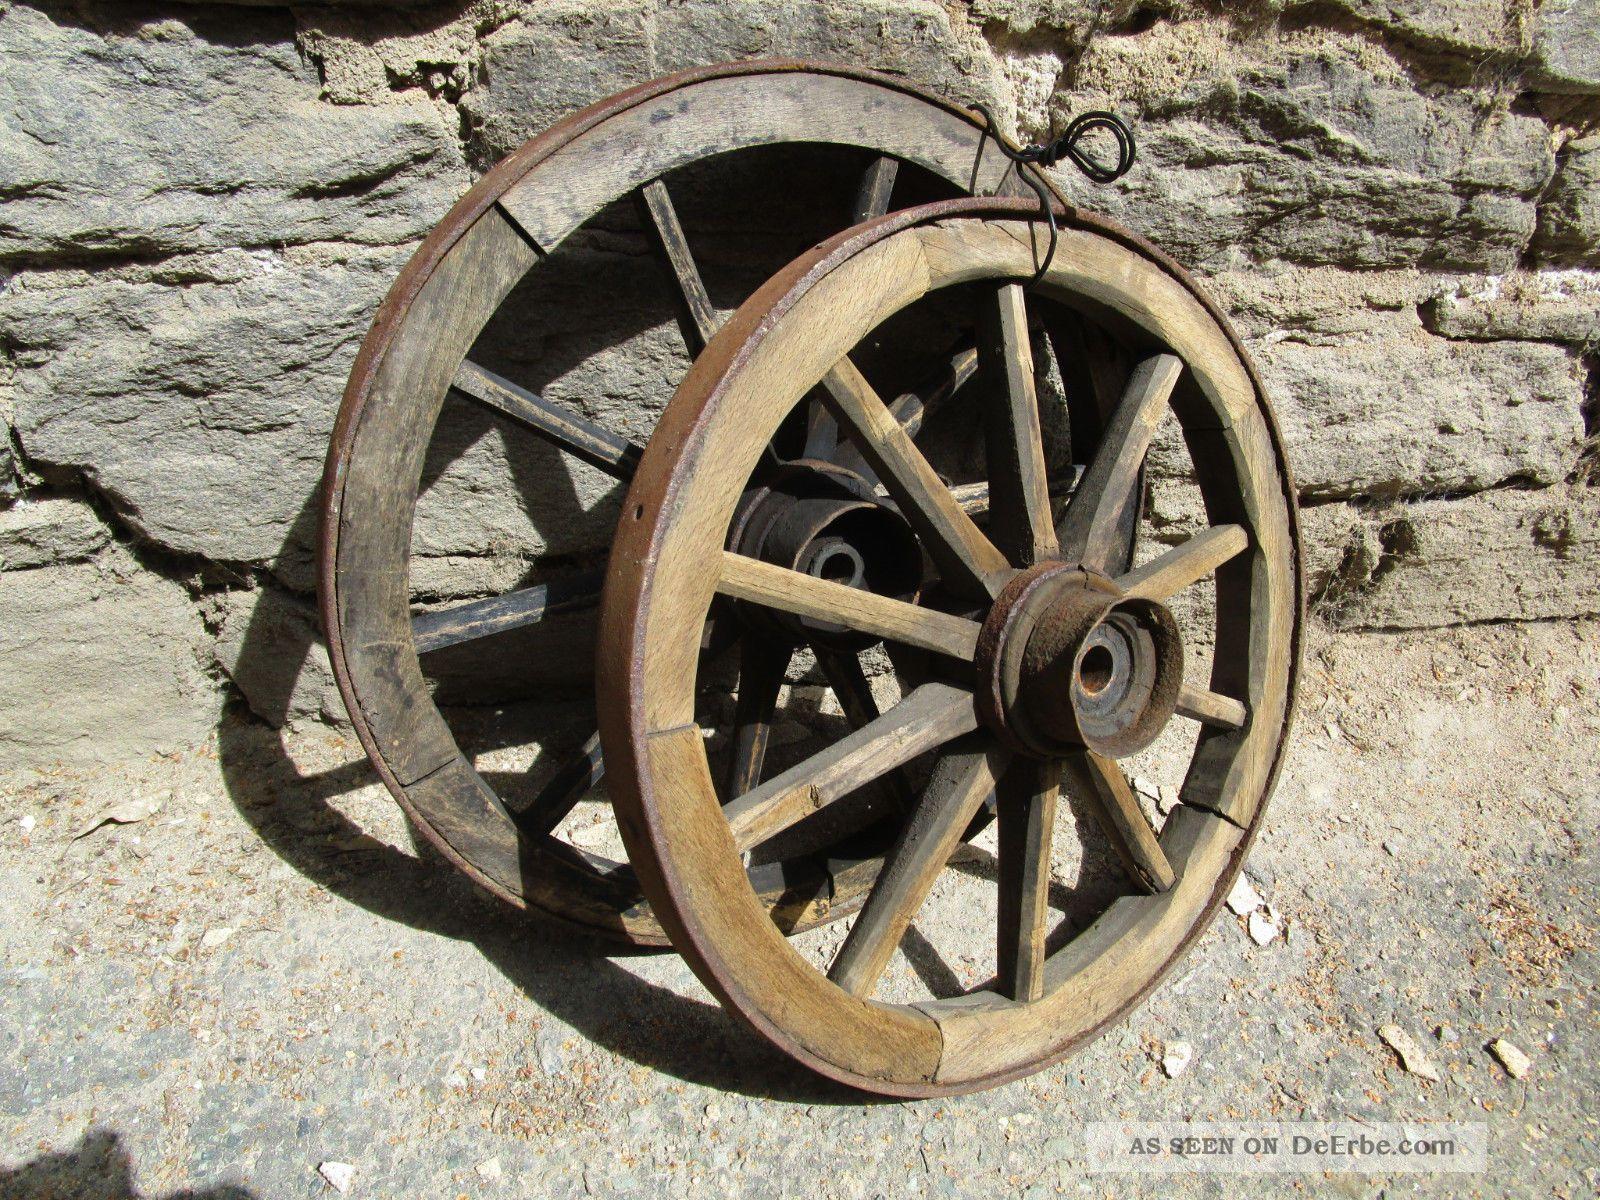 Konvolut Hand - Wagenrad Holzrad Decken - Leuchter 47 Cm Eisenring Antik Deko Bauer Bild